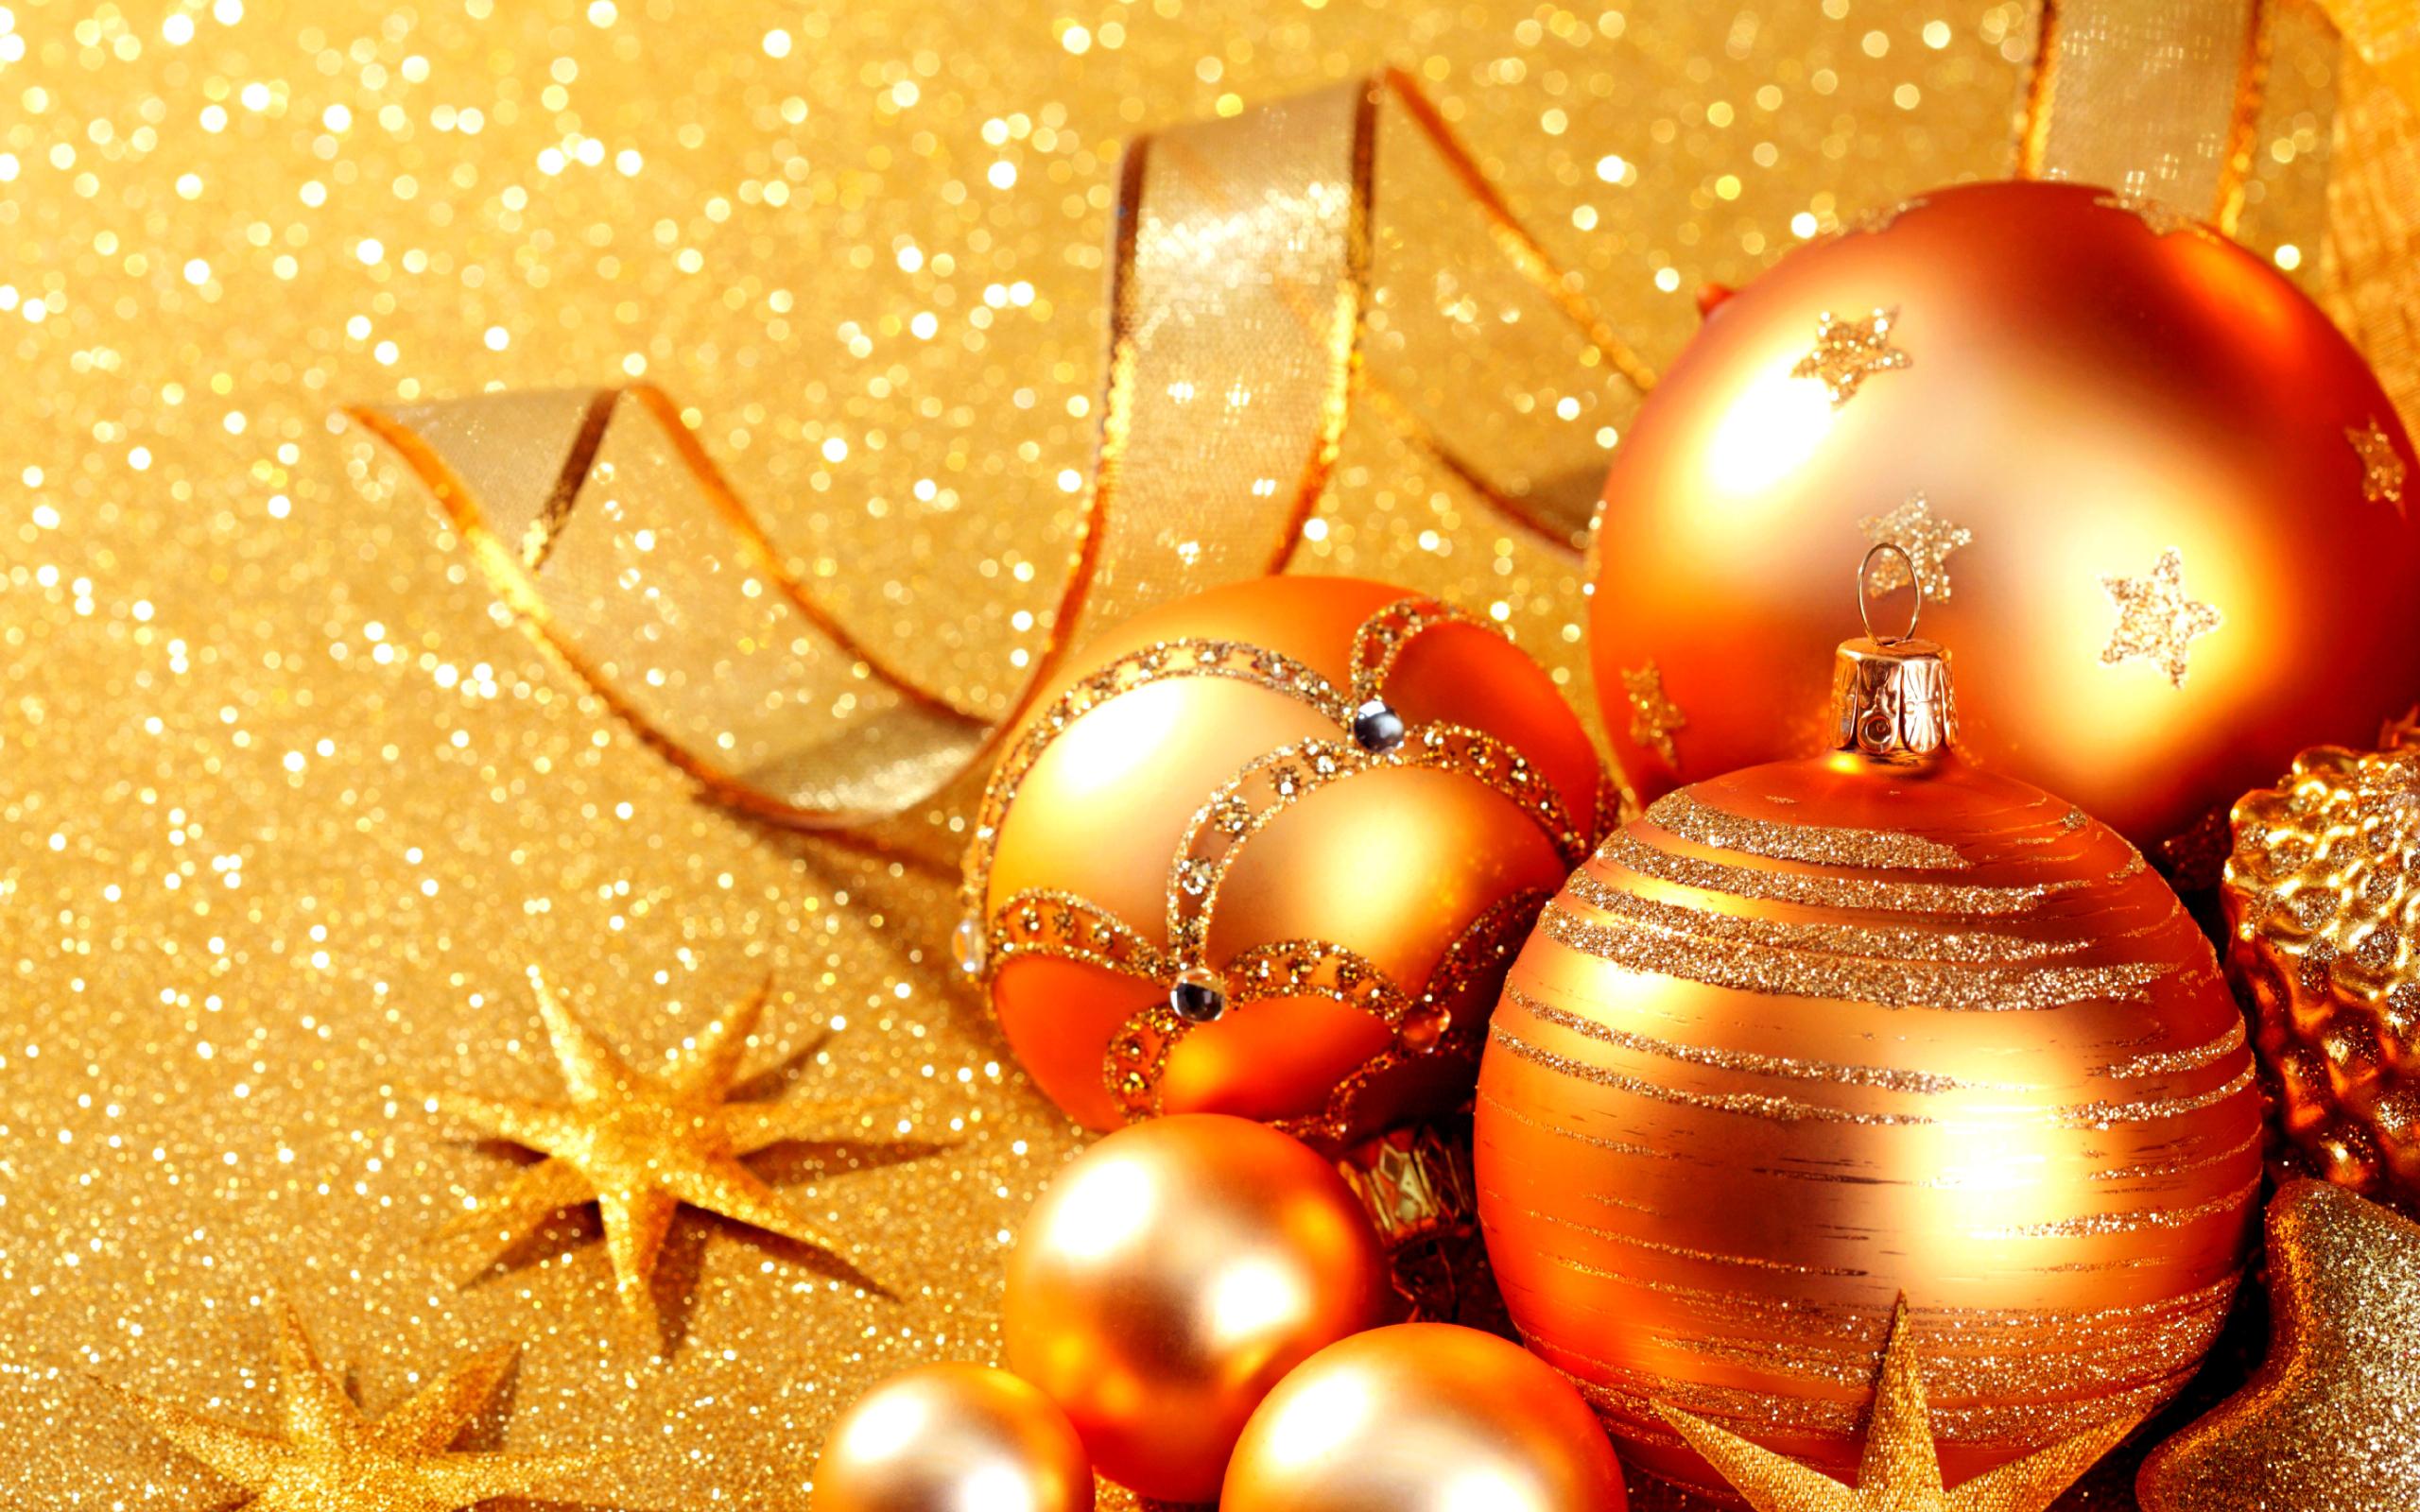 Открытки новый год высокое разрешение